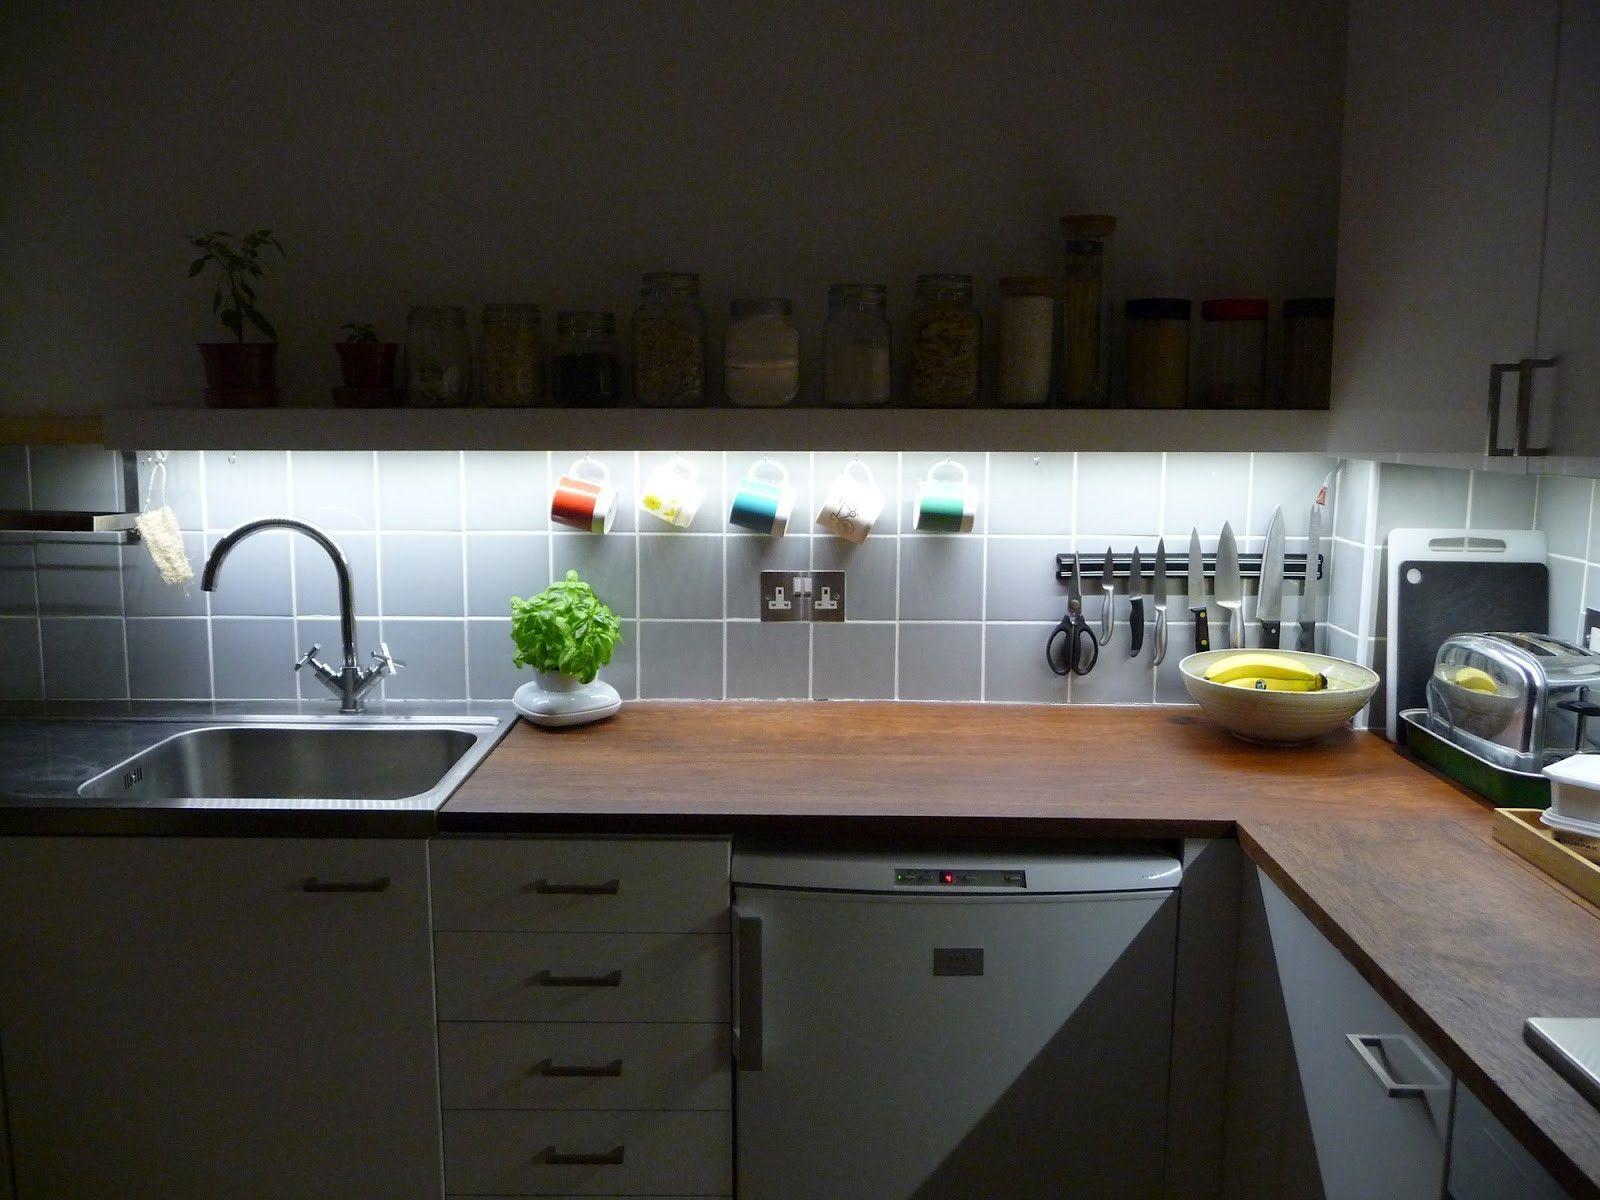 31 Best Modern Kitchen Lighting Ideas And Tips Kitchenmininalis Kitchenindustrial Kitchen Under Cabinet Lighting Light Kitchen Cabinets Kitchen Led Lighting